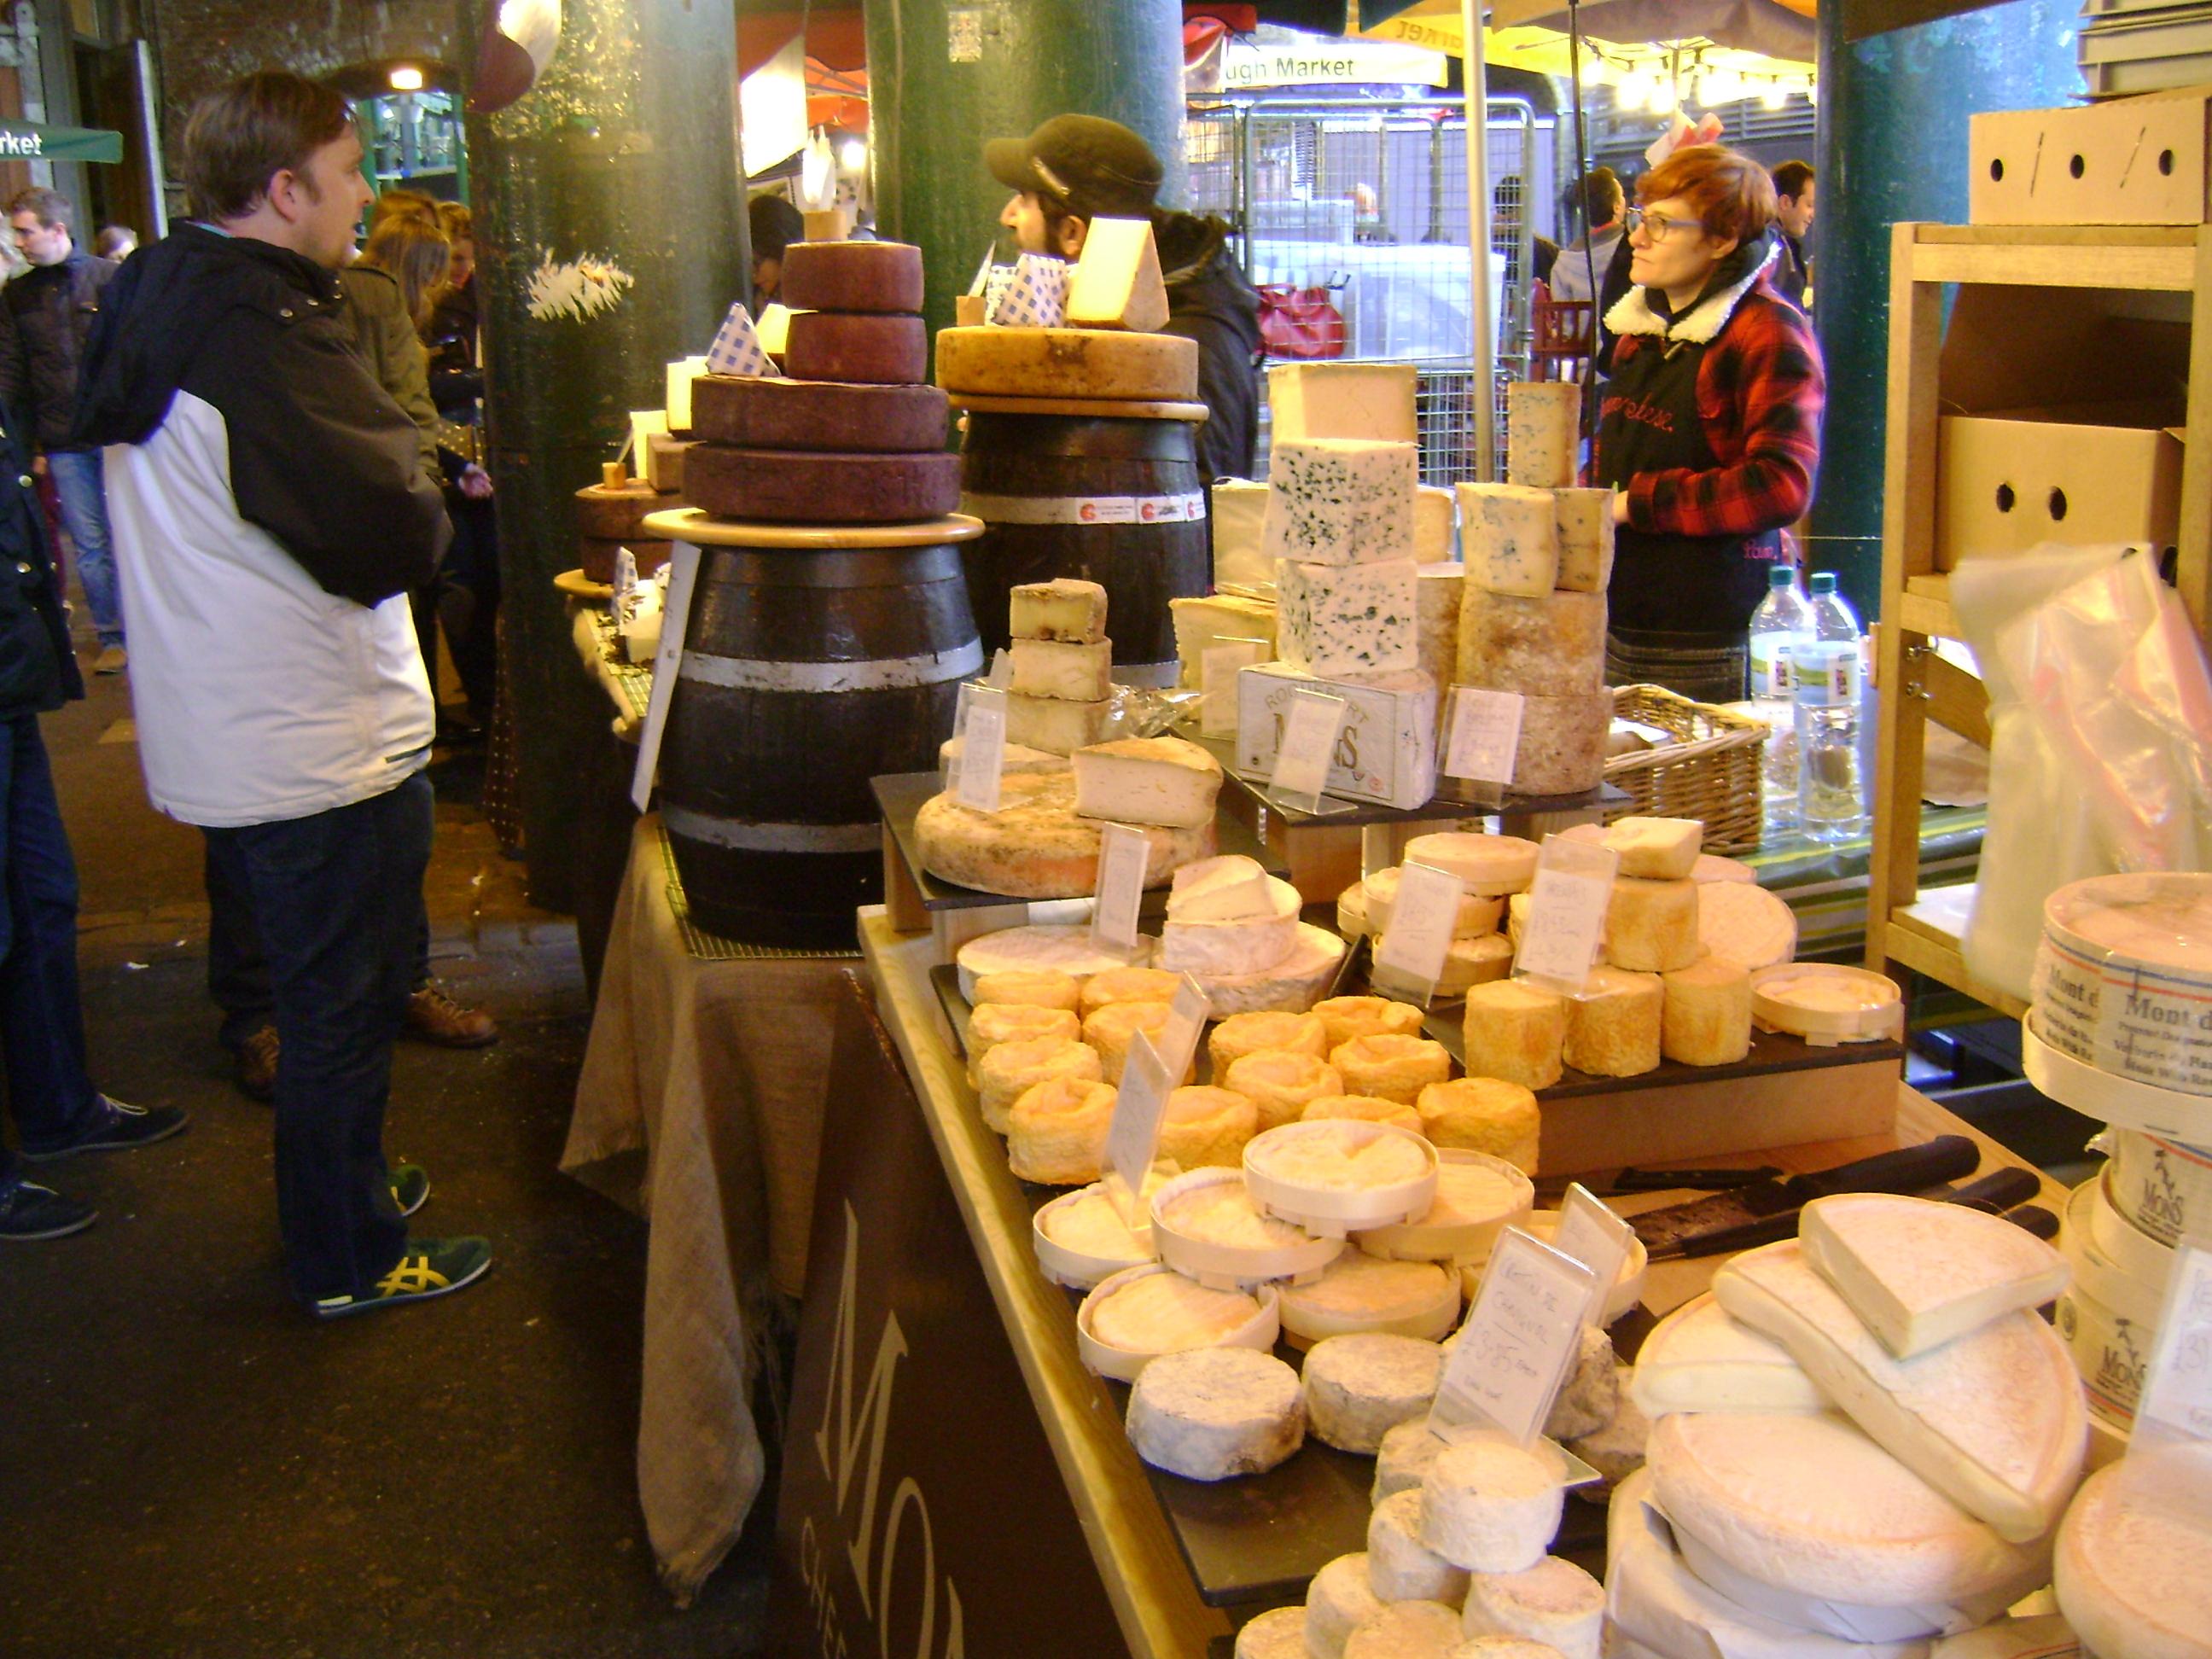 pessoa comprando e vendendo queijos no borough market, mercado publico de londres